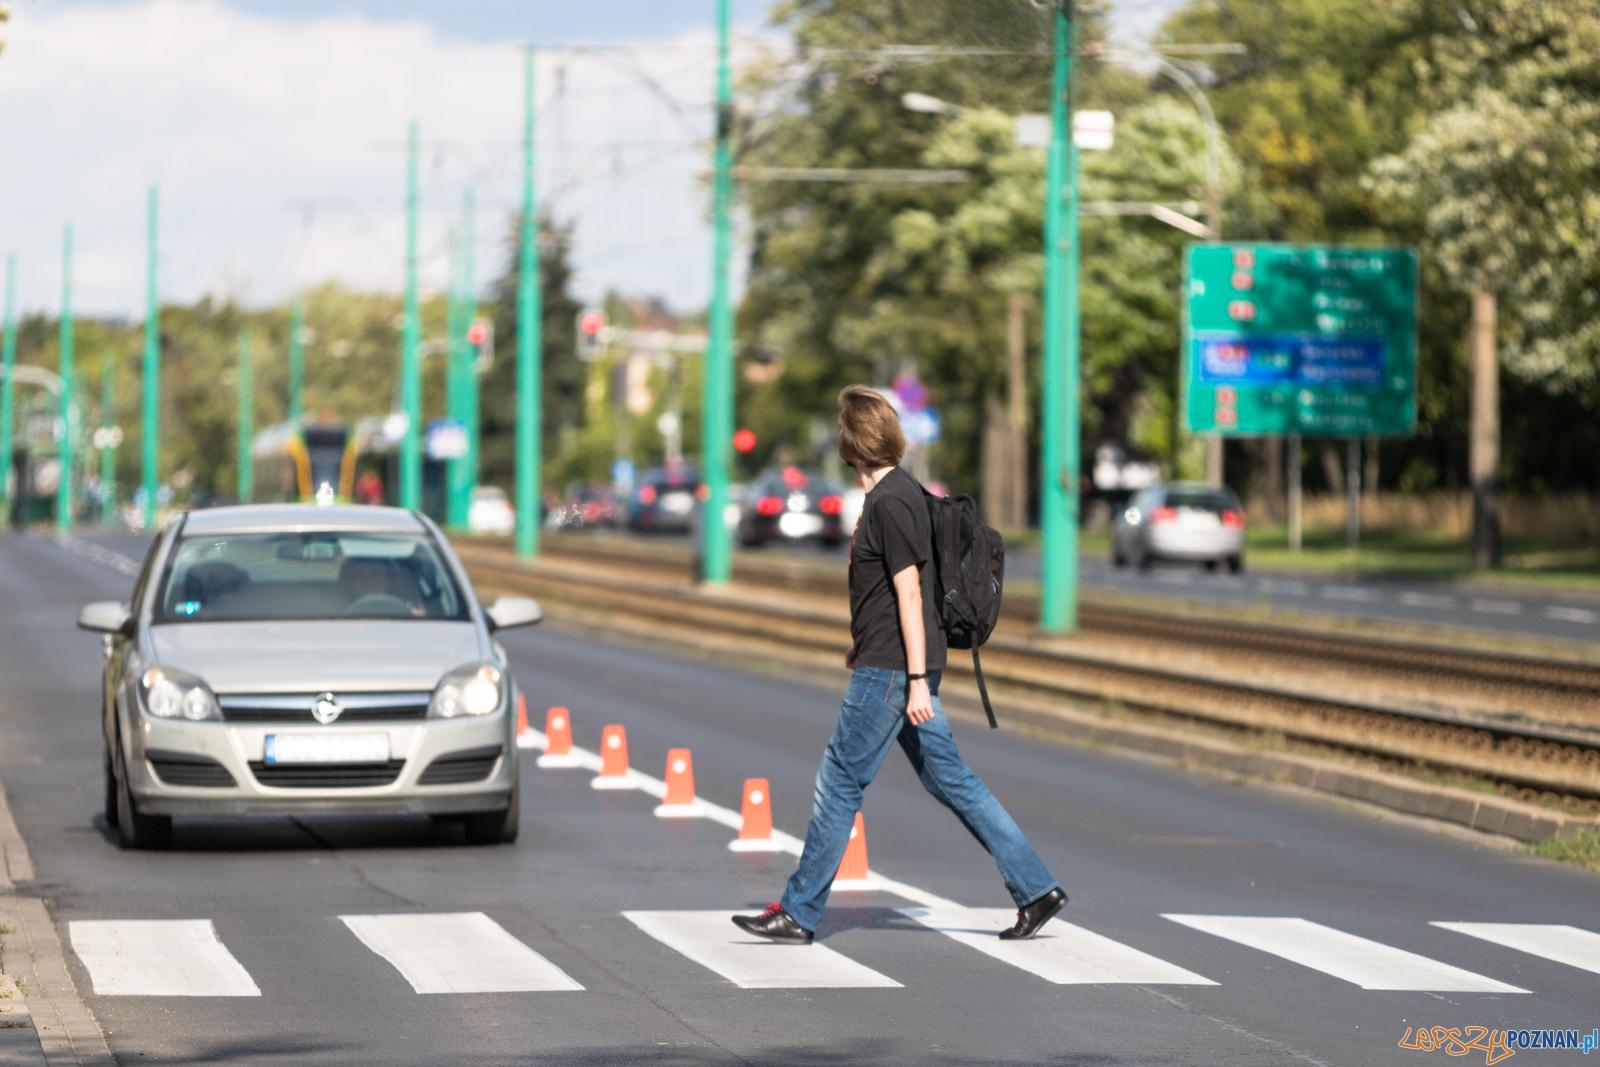 Przejście dla pieszych Grunwaldzka / Marszałkowska  Foto: lepszyPOZNAN.pl/Piotr Rychter